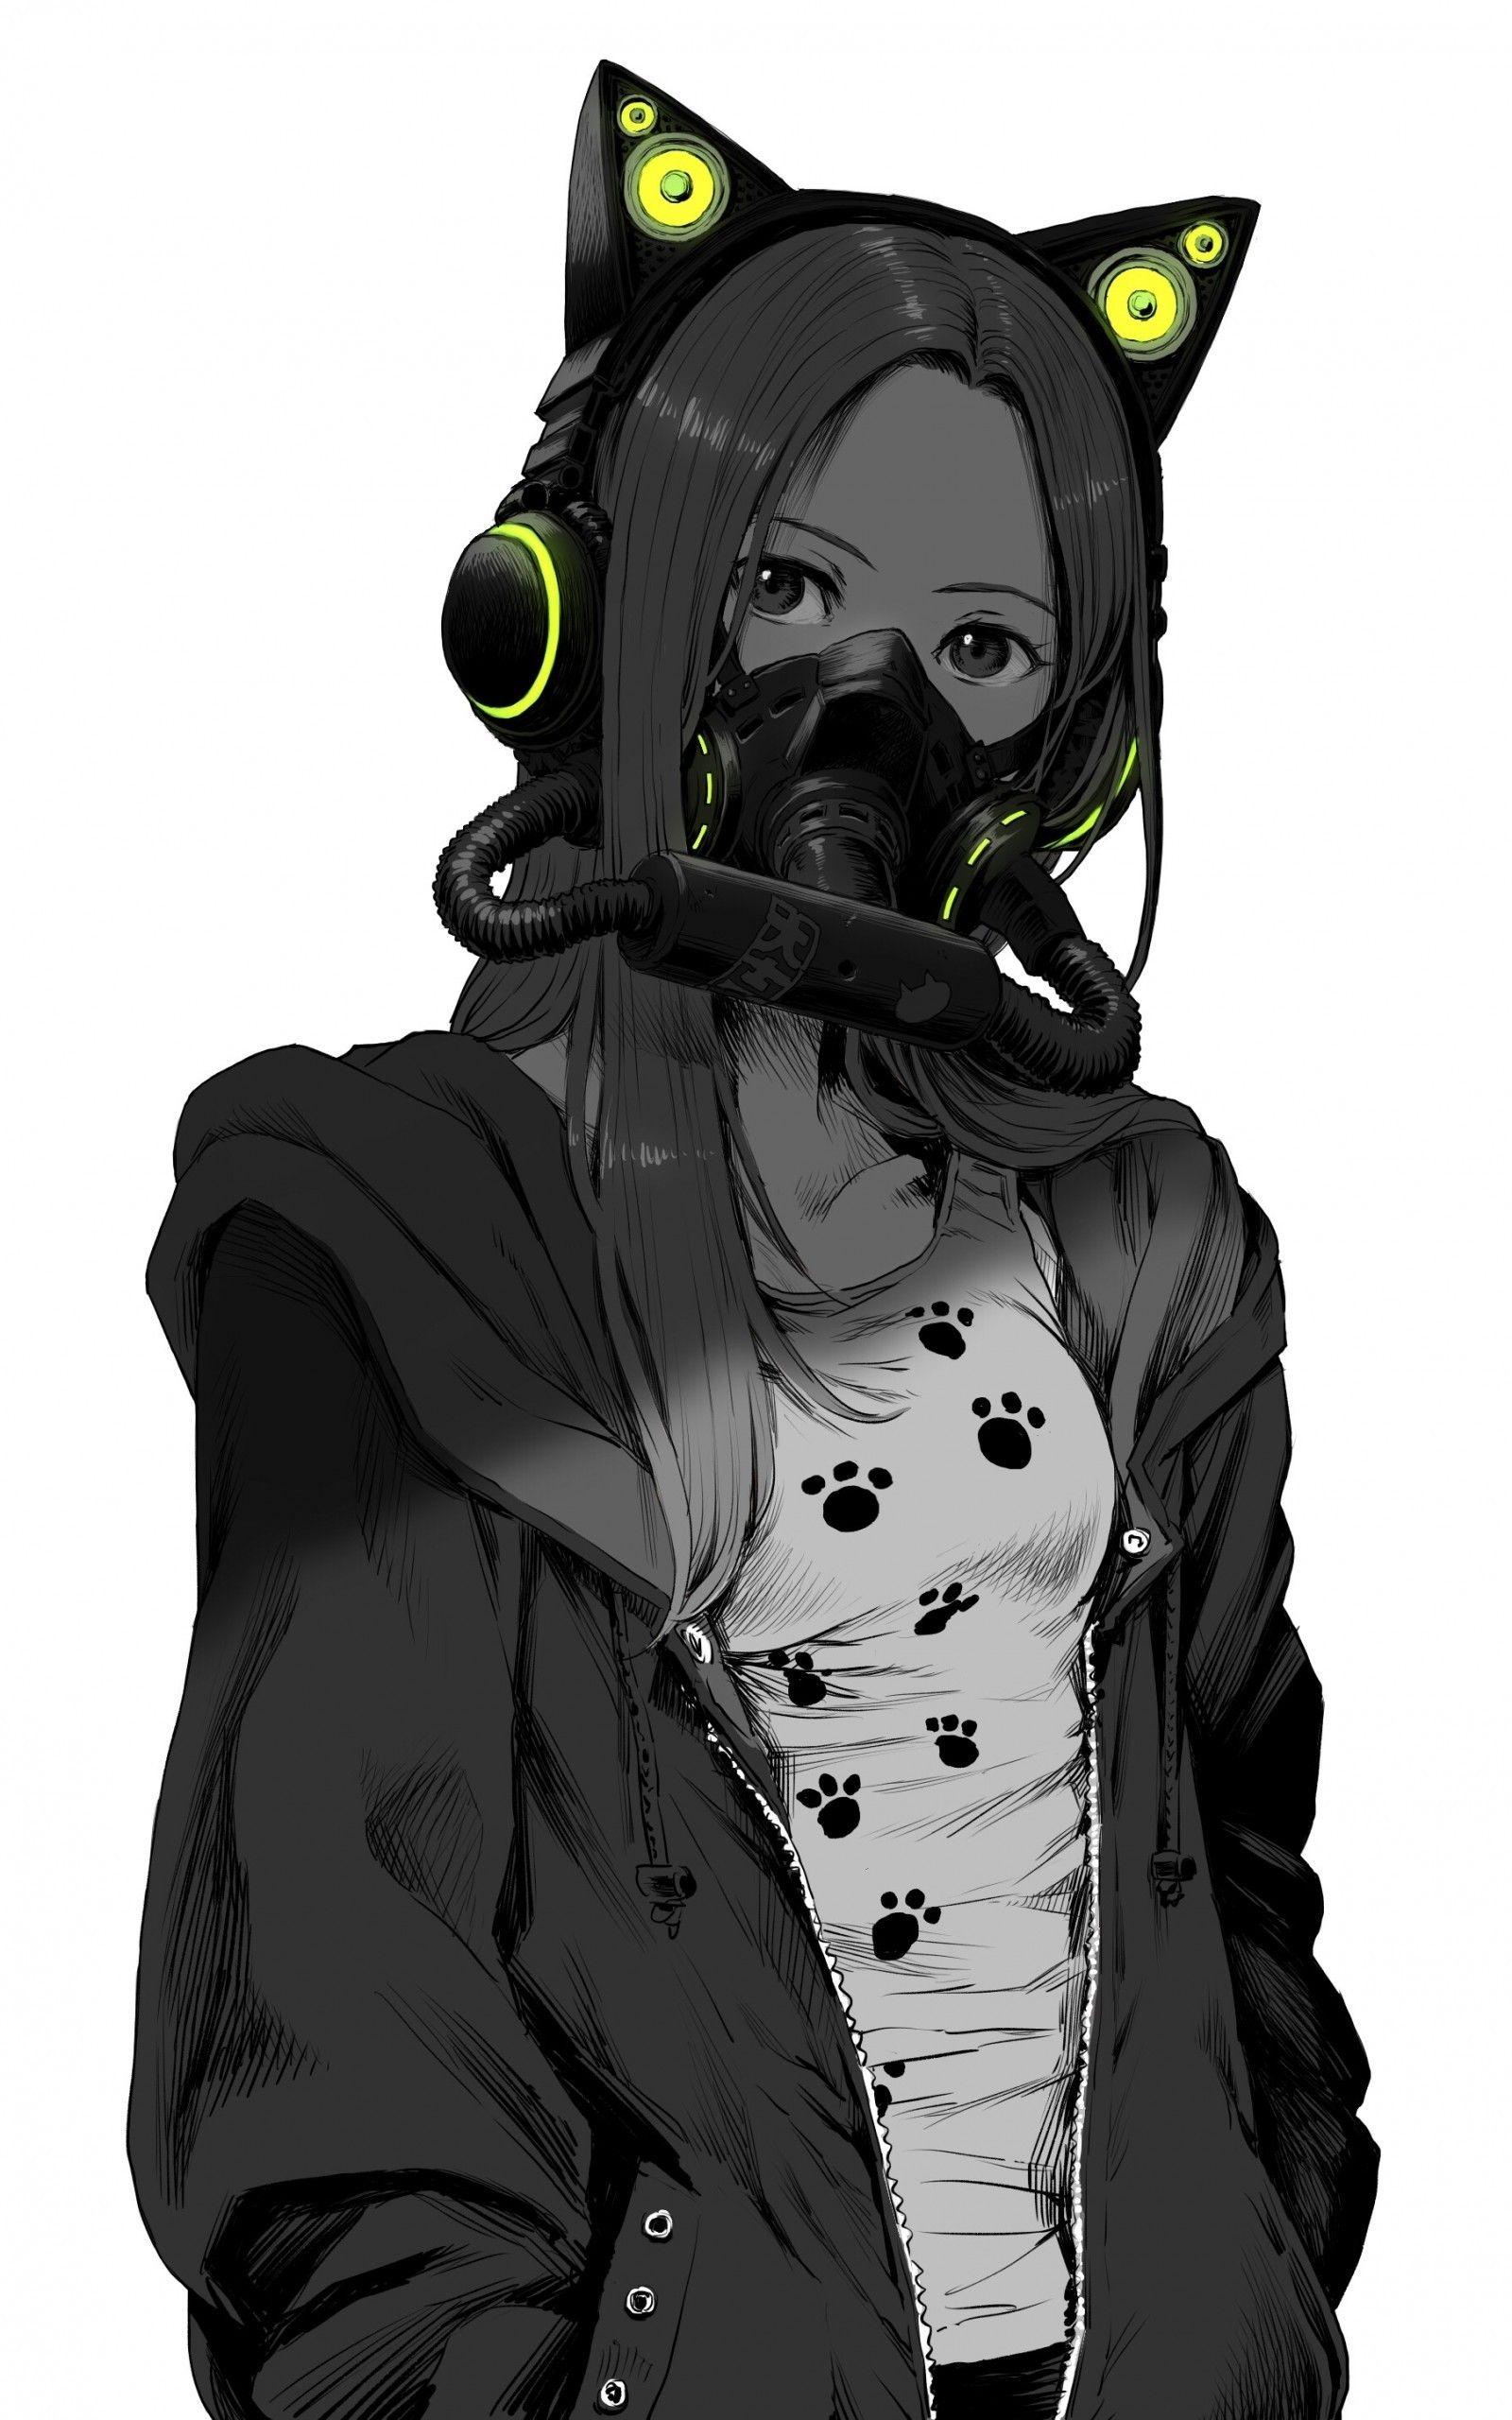 Anime Girl Mask : anime, Anime, Black, White, Wallpapers, Wallpaper